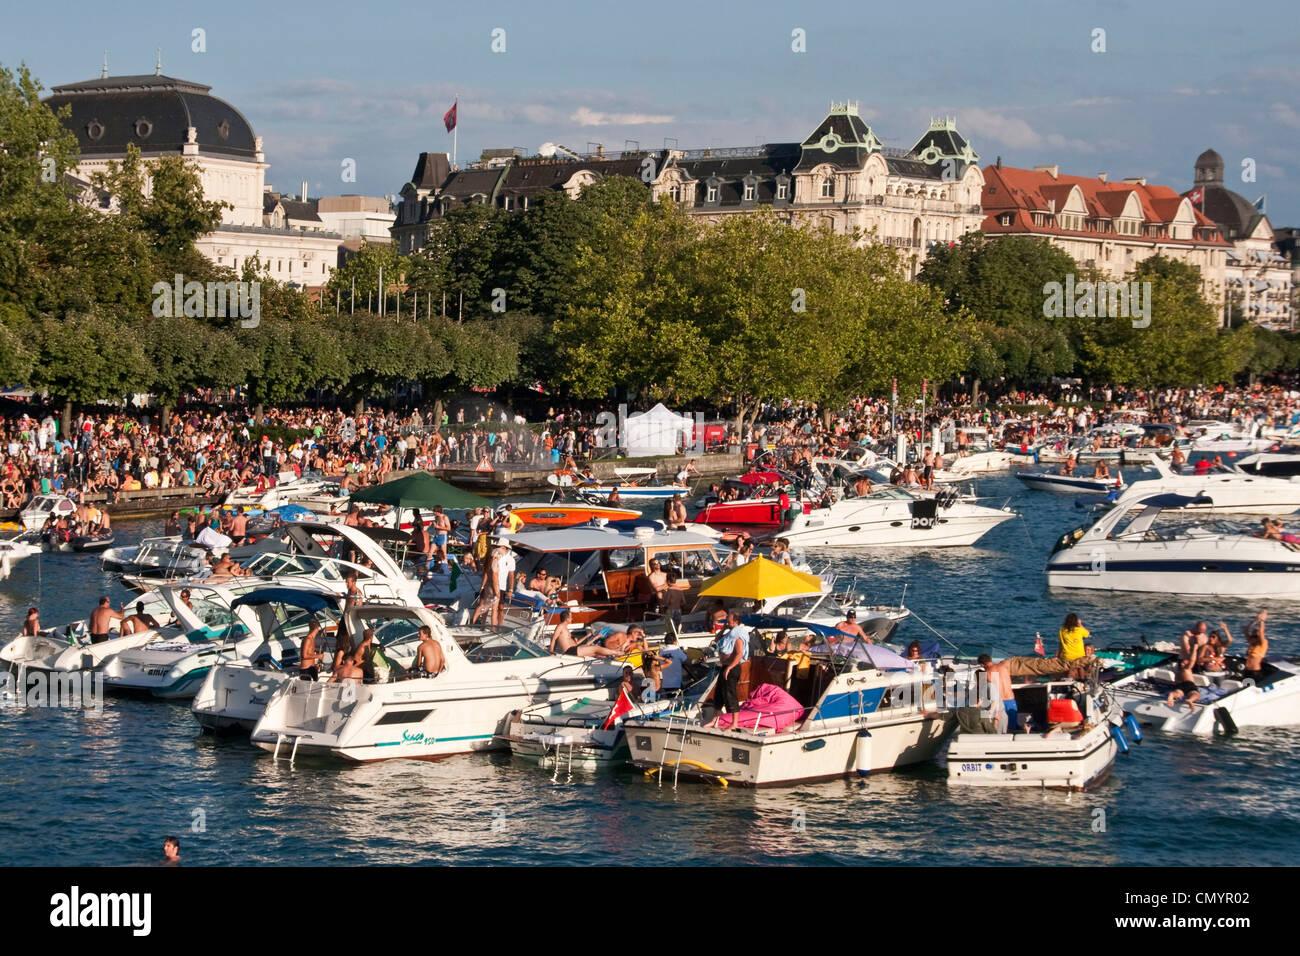 Schweiz, Zürich, Streetparade, Party-Boote am Zürichsee Stockbild